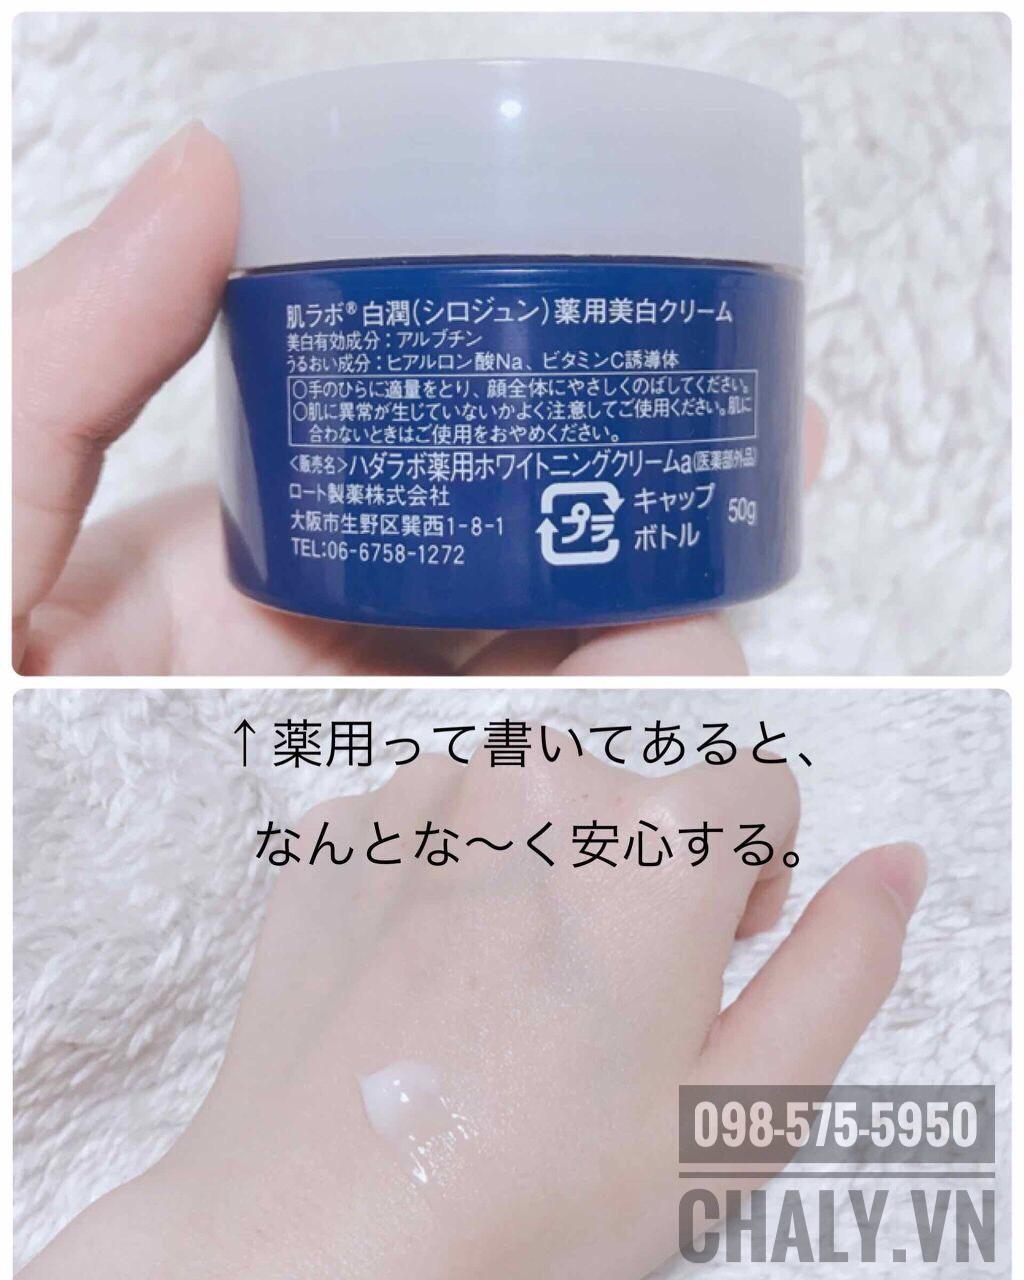 Kem dưỡng trắng hada labo review - Là sản phẩm chứng nhận medicated của bộ Y Tế Nhật nên dùng cực yên tâm về độ lành tính